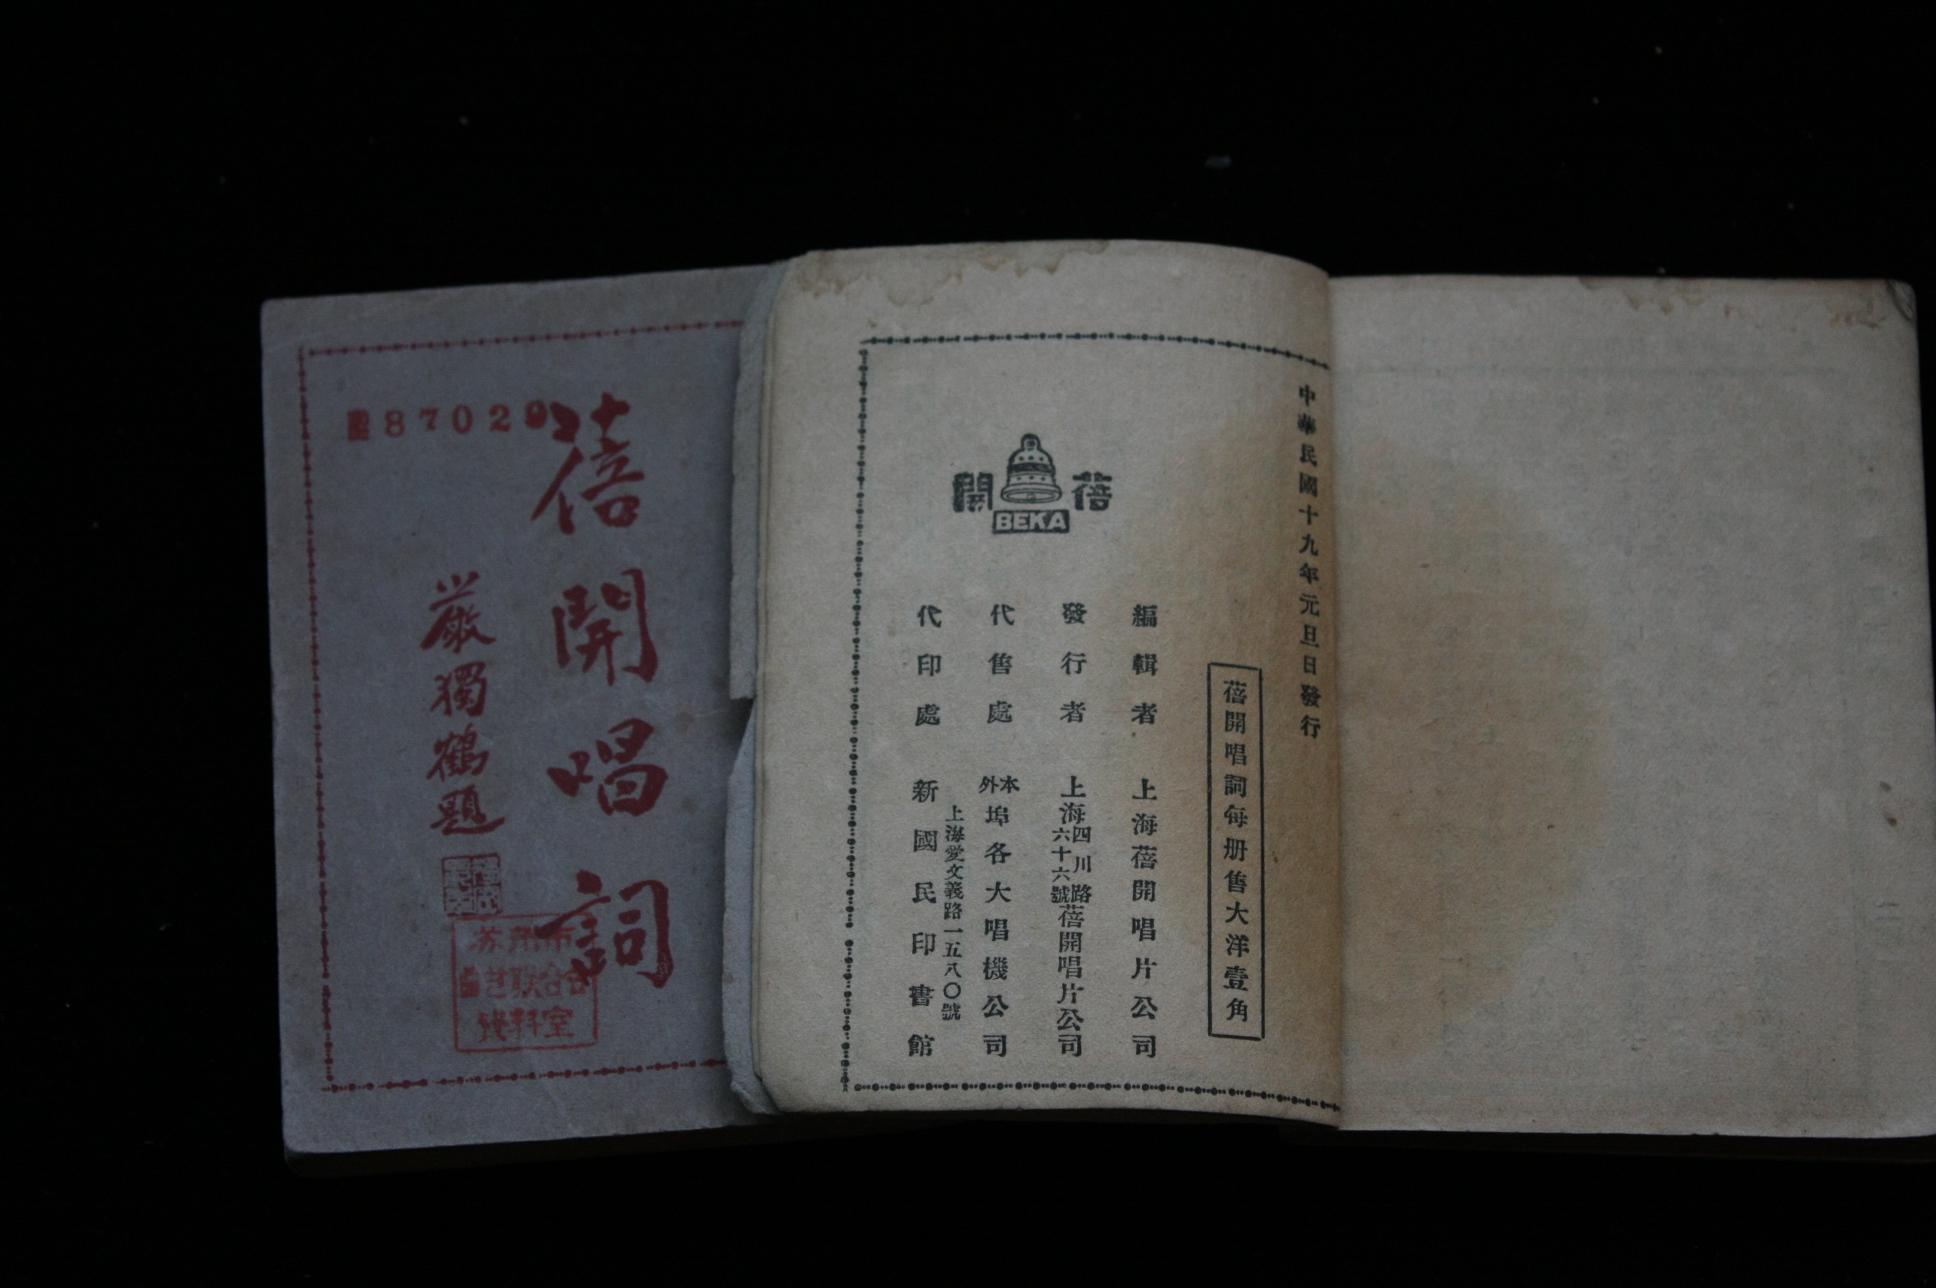 馆藏文物剪影举隅——民国弹词开篇(二)